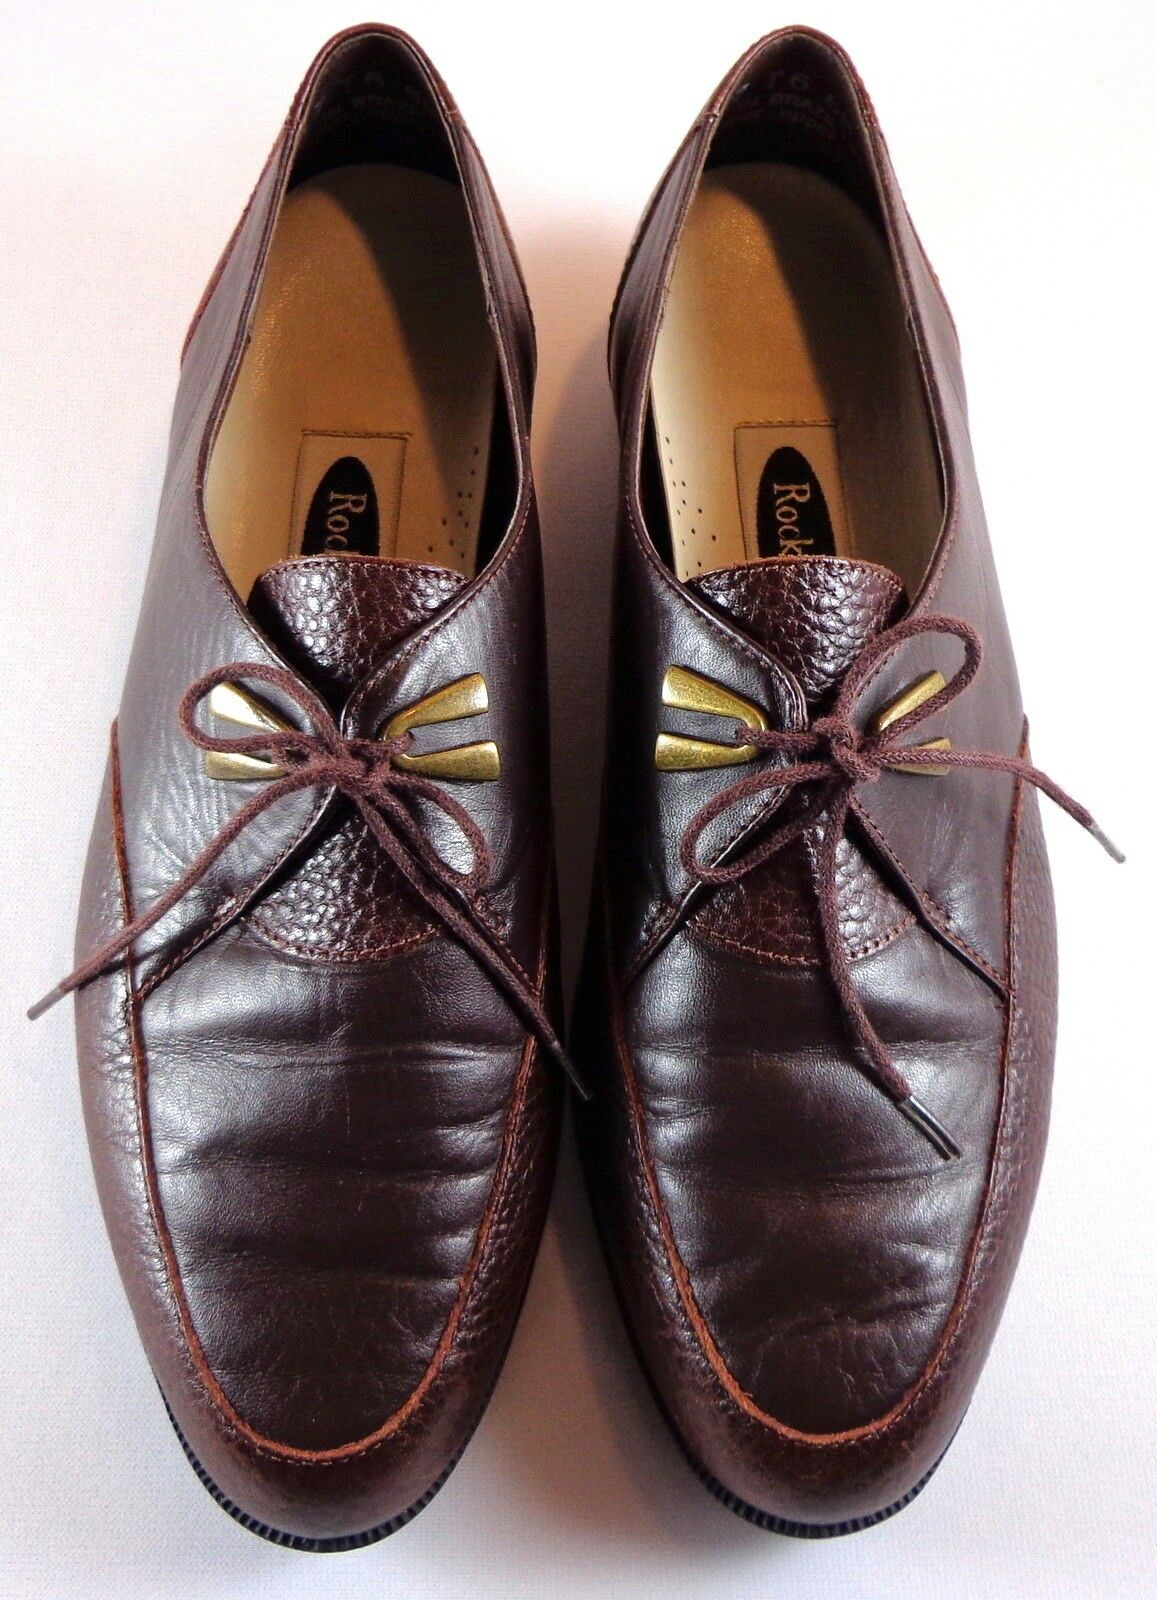 Rockport Oxford para mujer mujer mujer marróns Cuero Con Cordones Zapatos Talla 6 M b59c6c